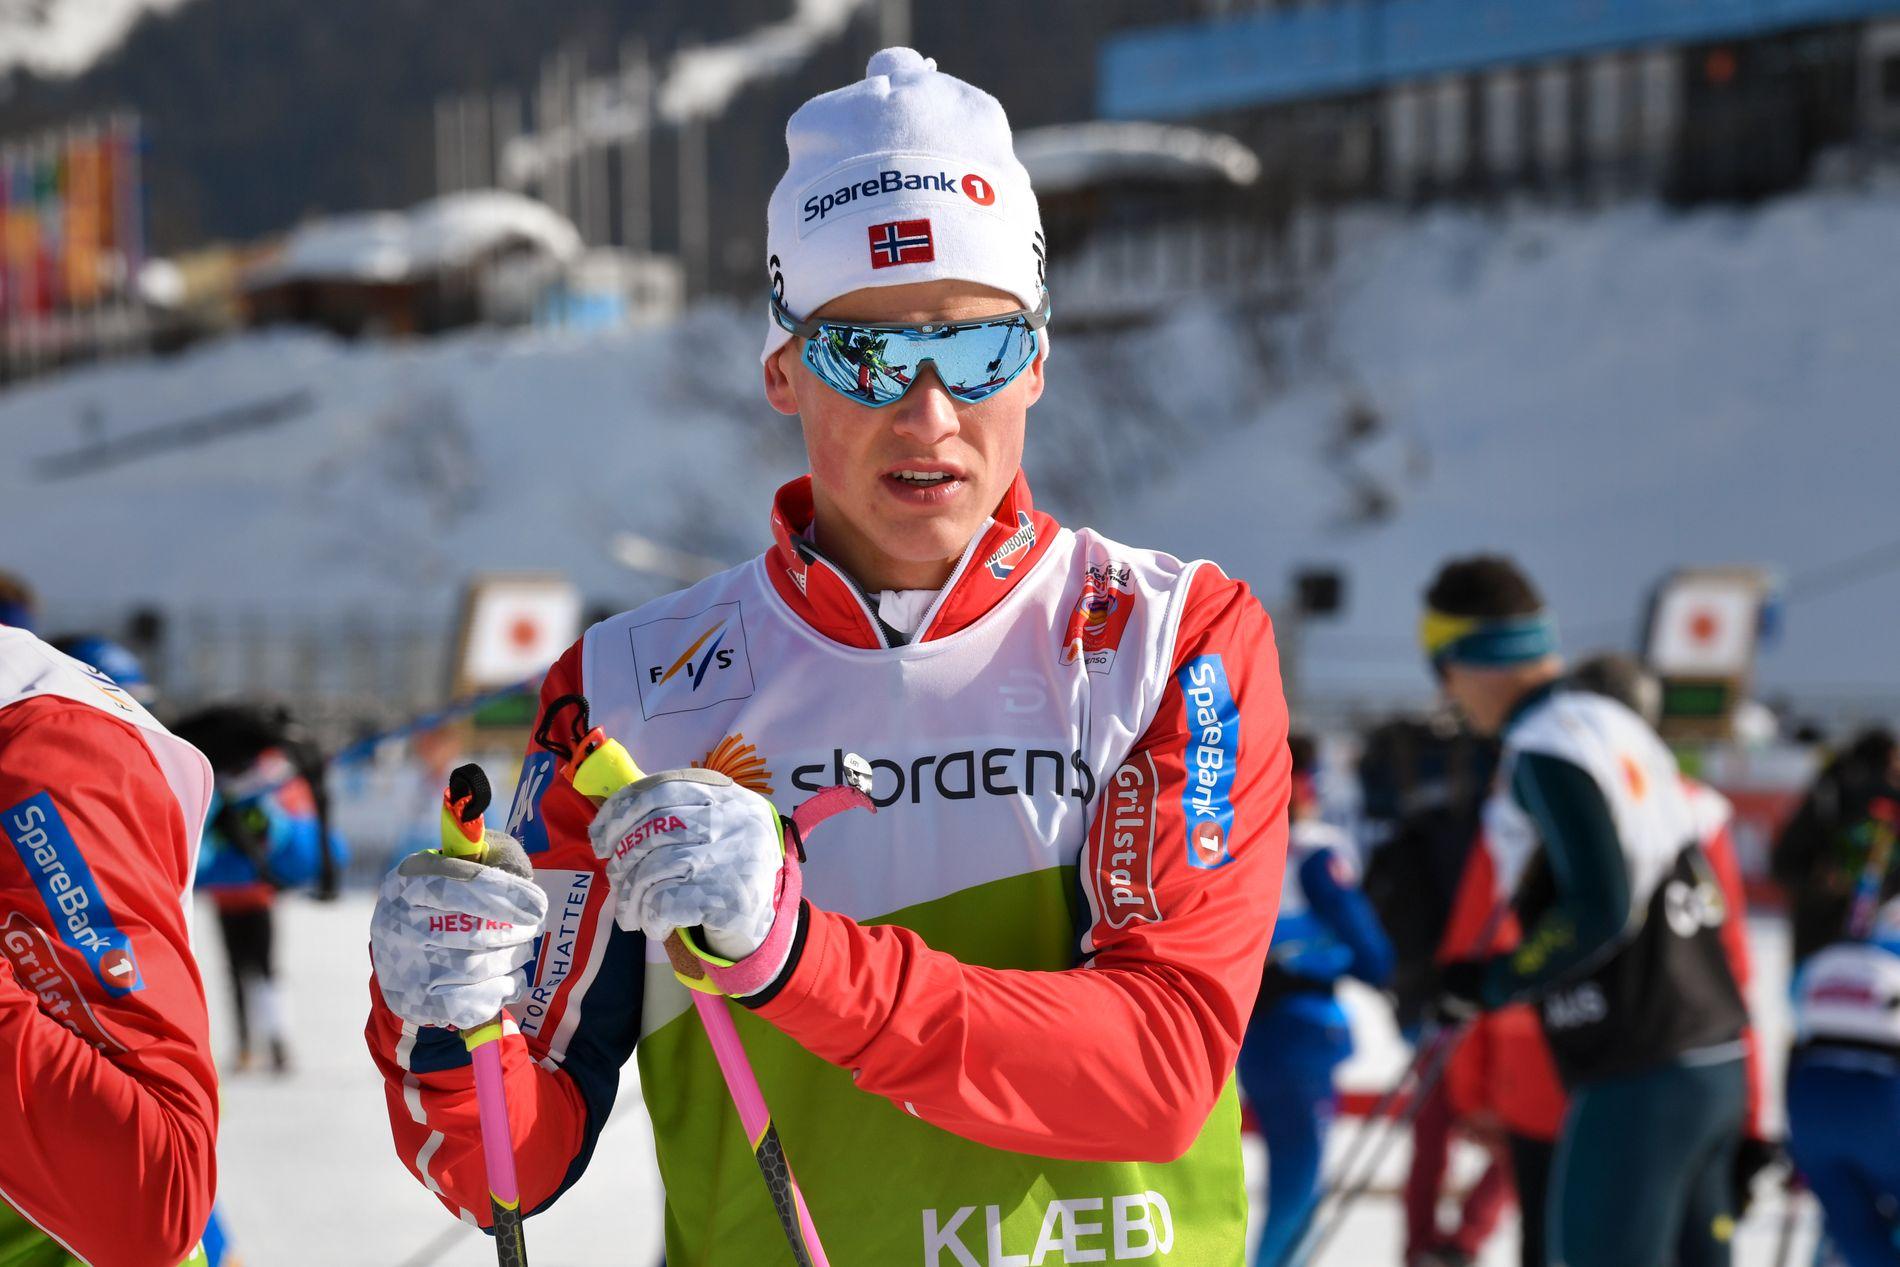 ENER I LANDSLAGET: Johannes Høsflot Klæbo har i løpet av to mesterskap på rad blitt den løperen på landslaget med flest gull.